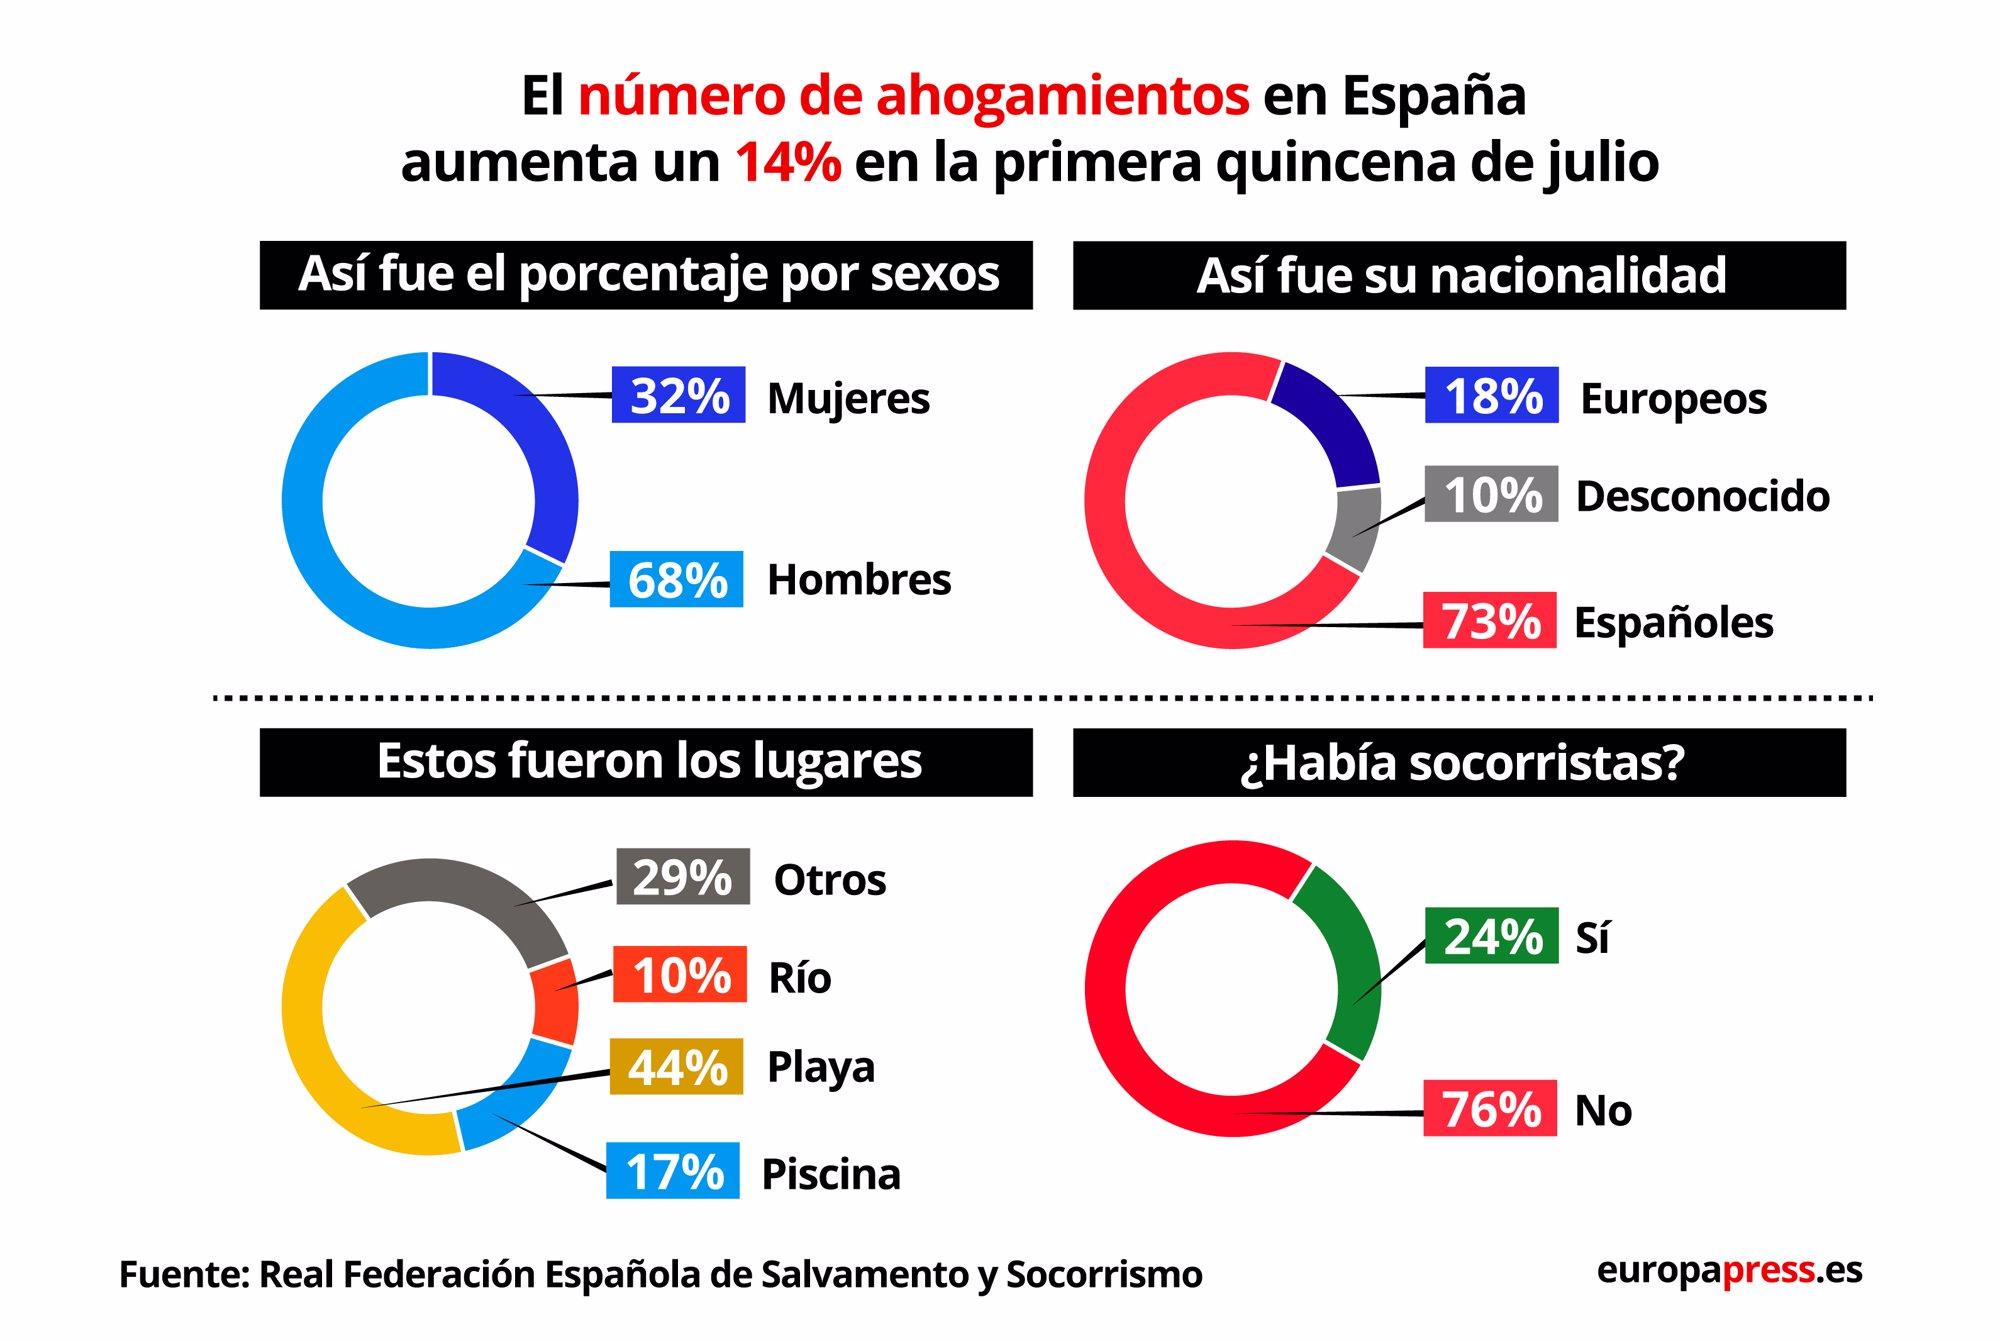 Gráficos con datos sobre ahogamientos en España durante julio